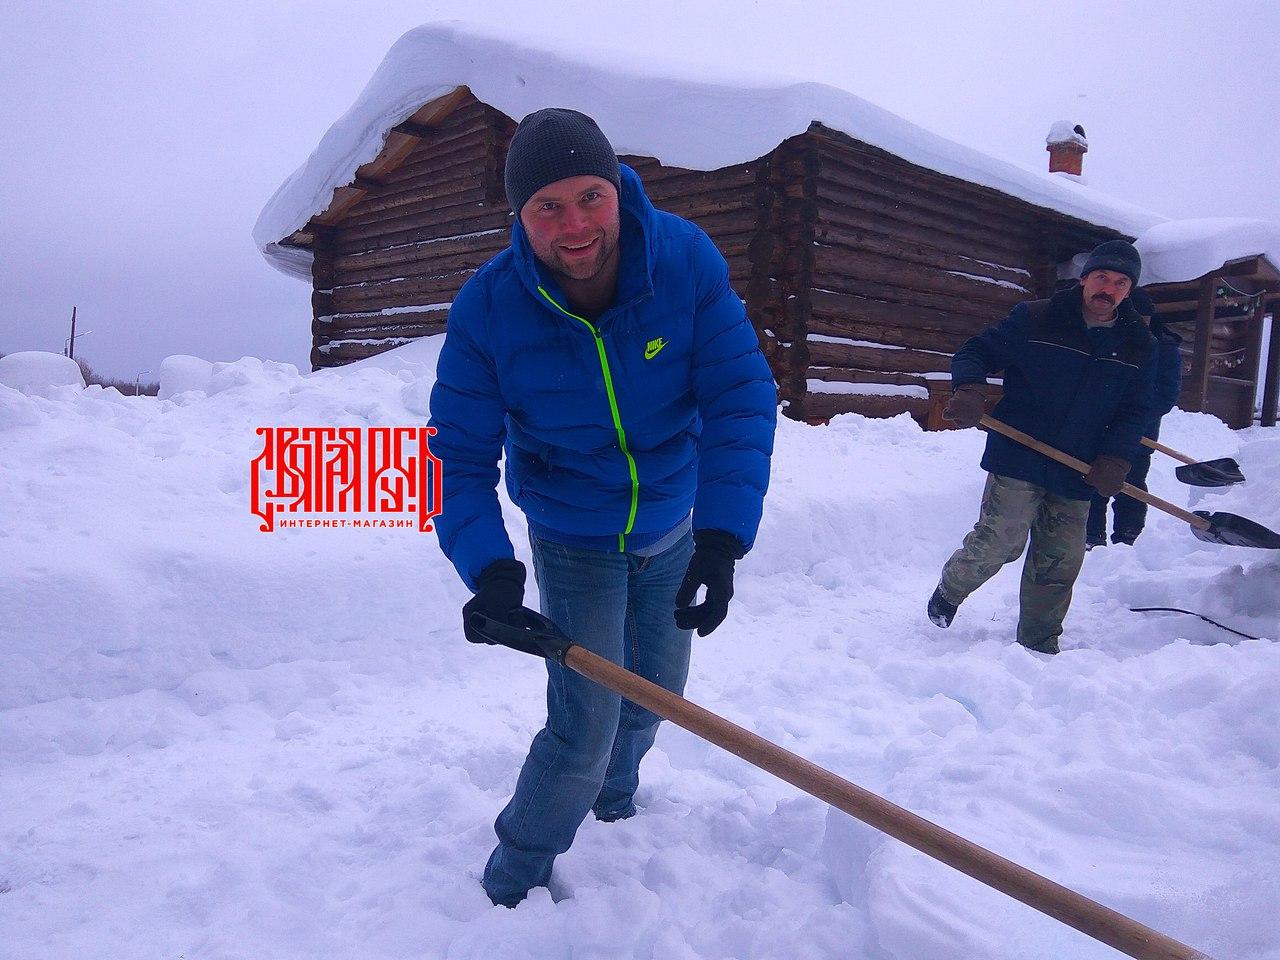 убираем снег, русская зима, чистый воздух